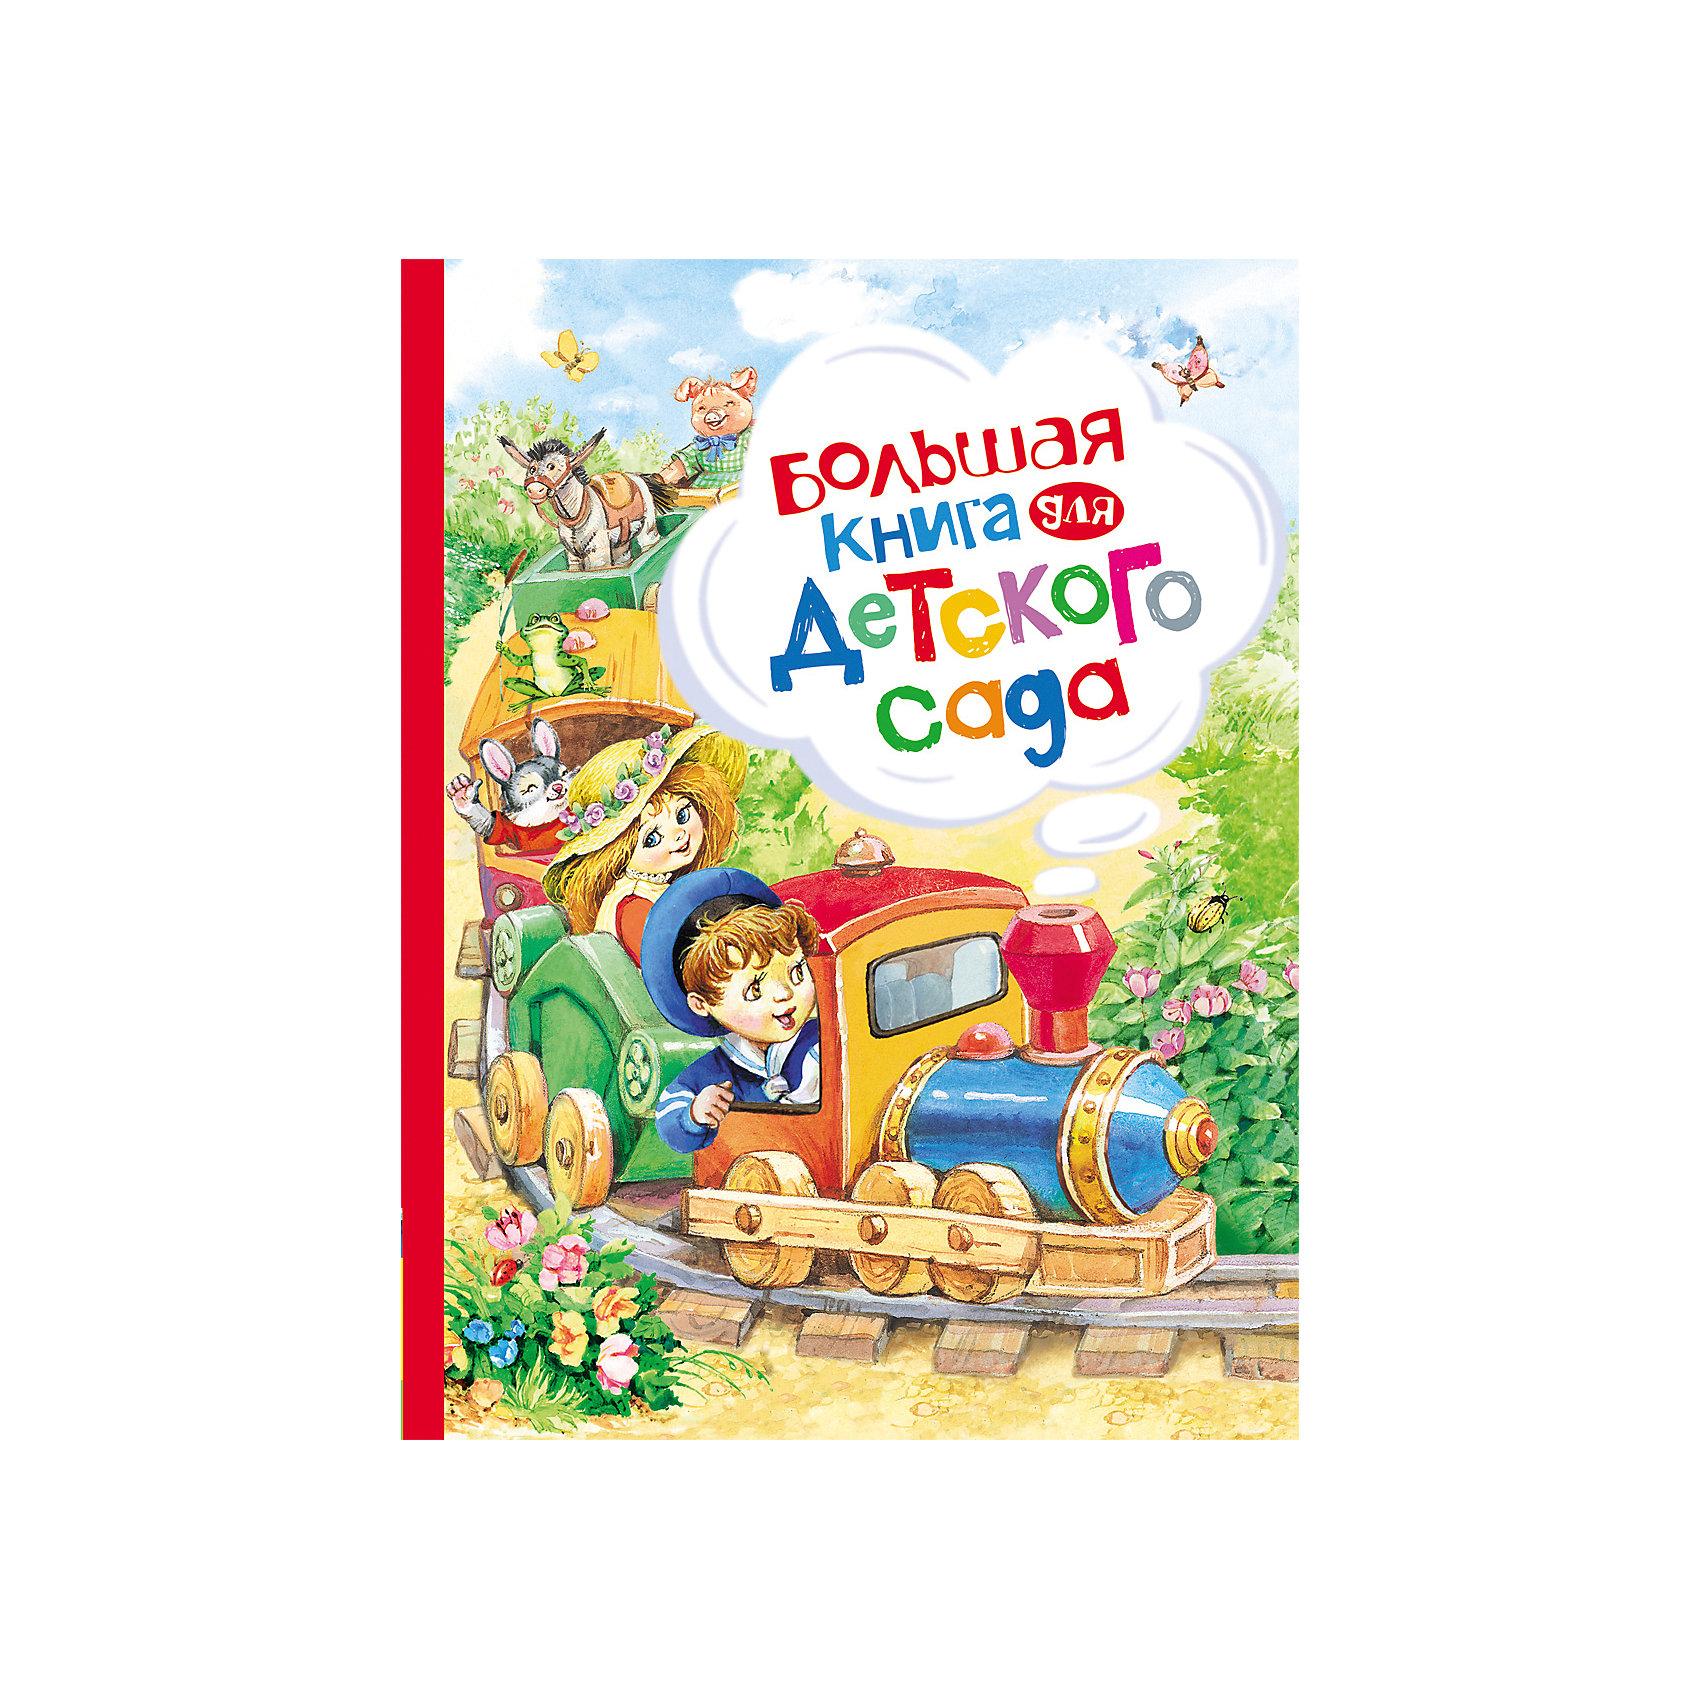 Росмэн Сборник Большая книга для детского сада бологова в моя большая книга о животных 1000 фотографий